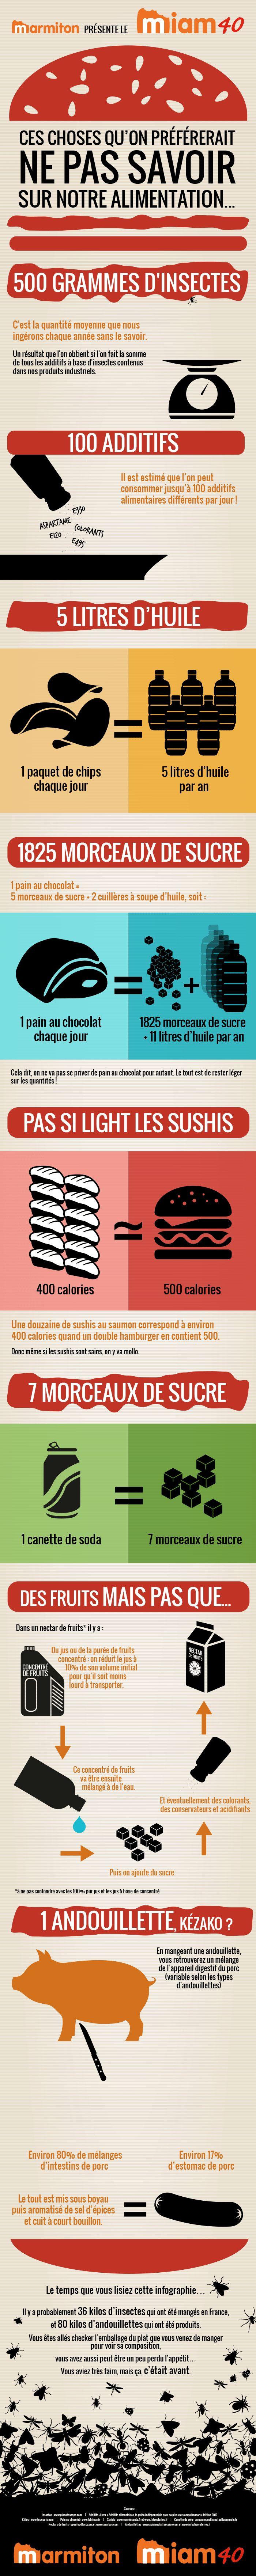 Ces choses qu'on préférerait ne pas savoir sur notre alimentation... Découvrez le Miam 40, la 1ère infographie Marmiton !